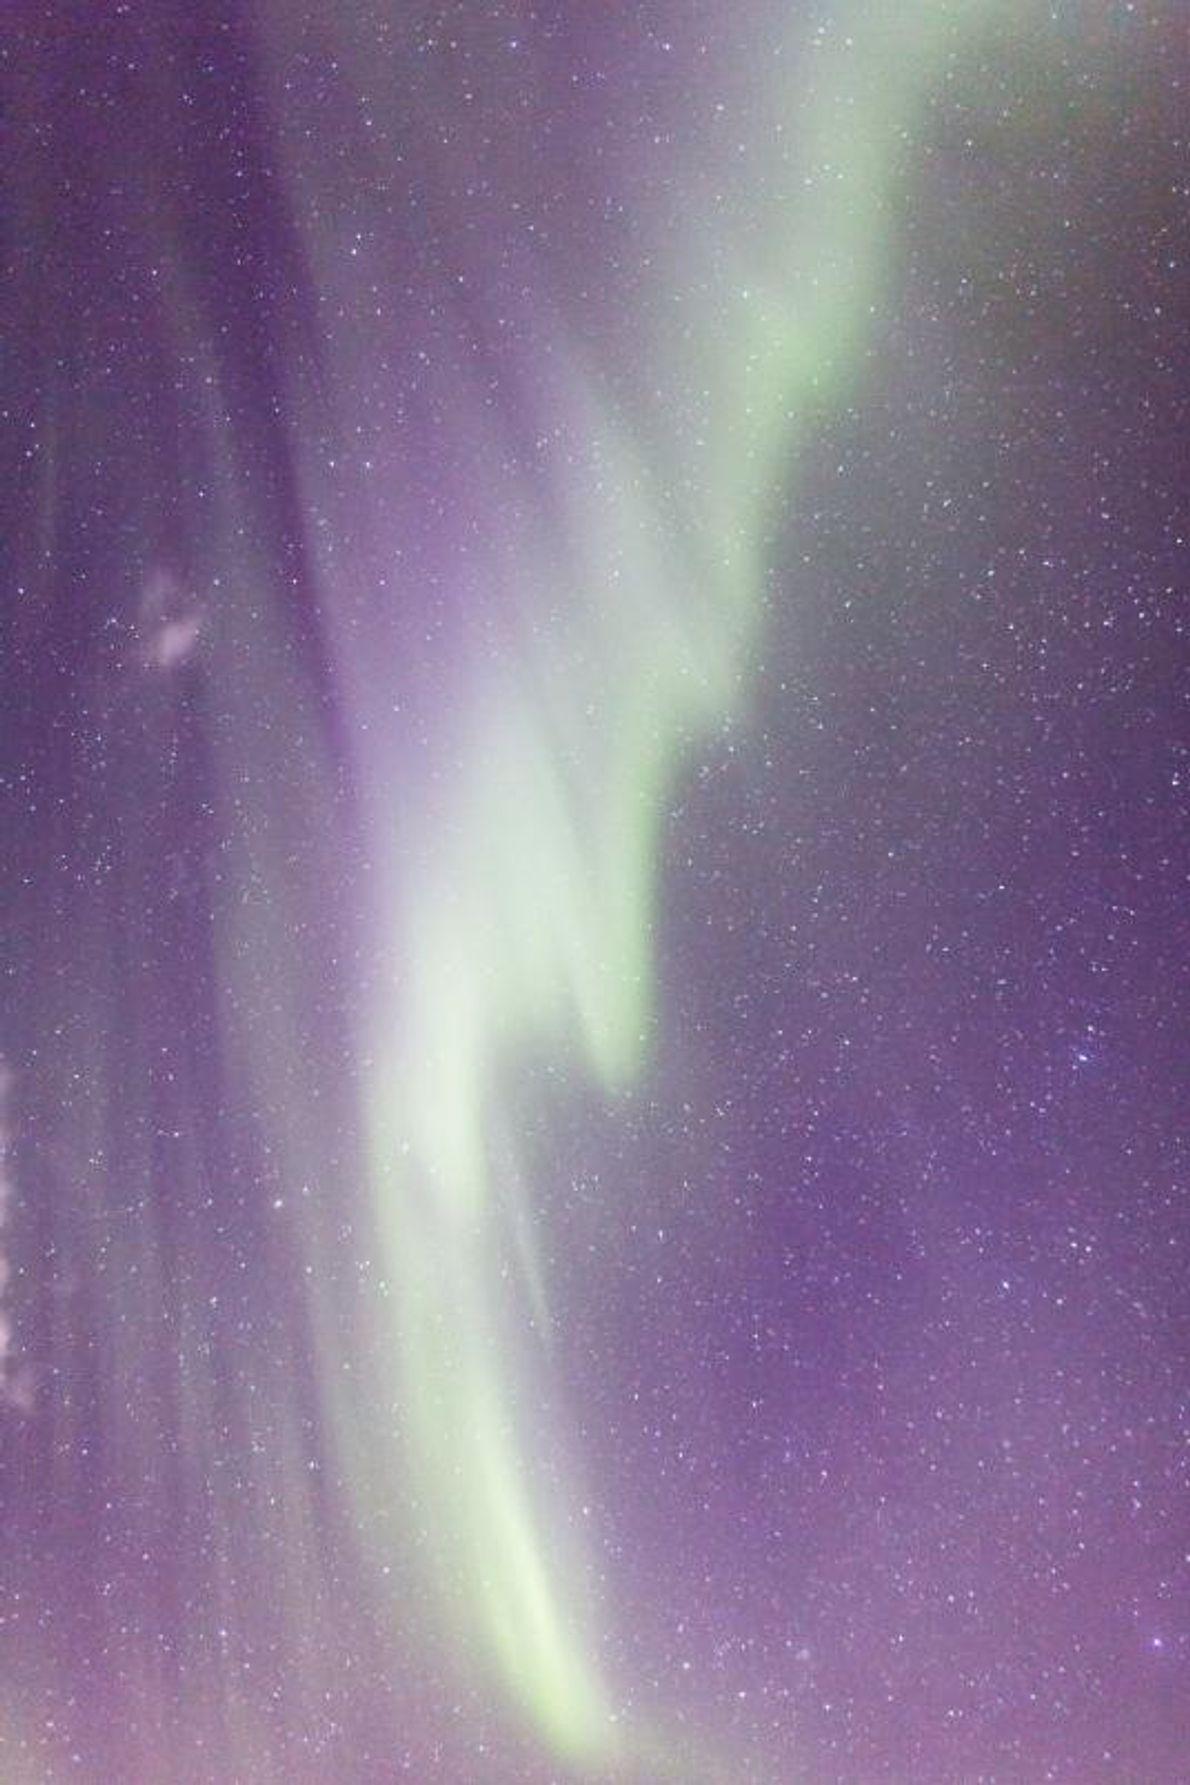 Des rubans de vert illuminent le ciel au-dessus de l'Islande.